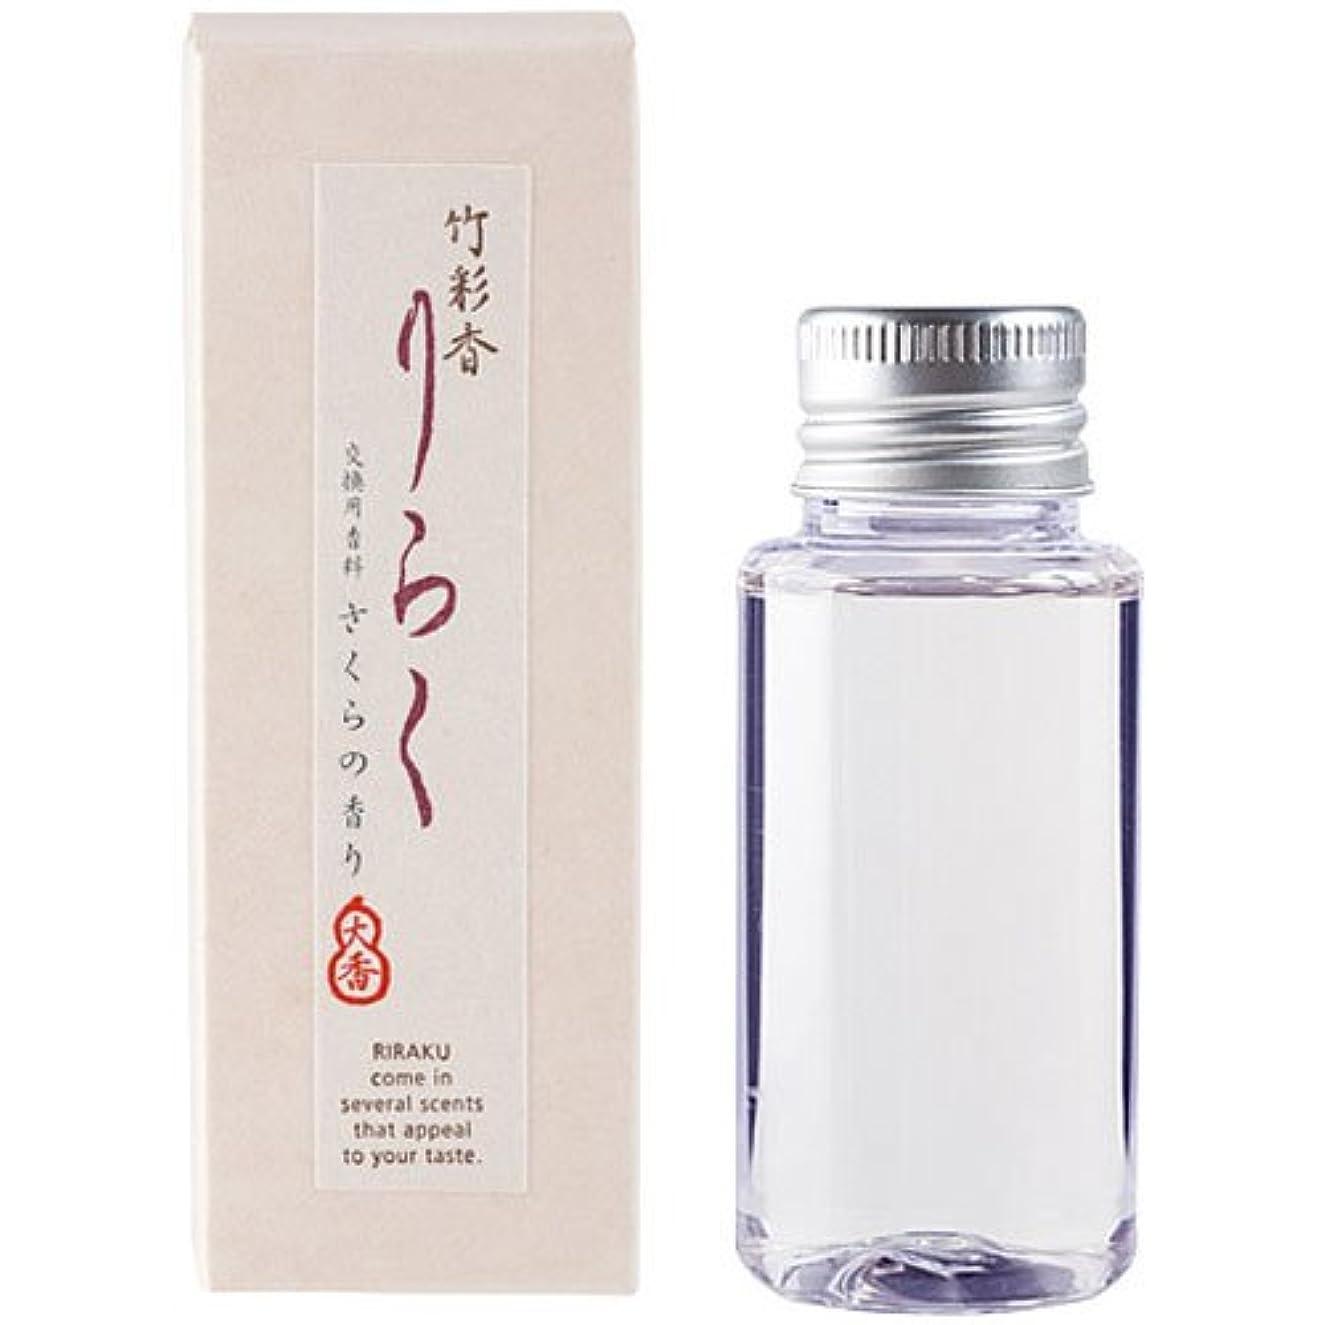 ラップ発行性格竹彩香りらく 交換用香料さくら 50ml